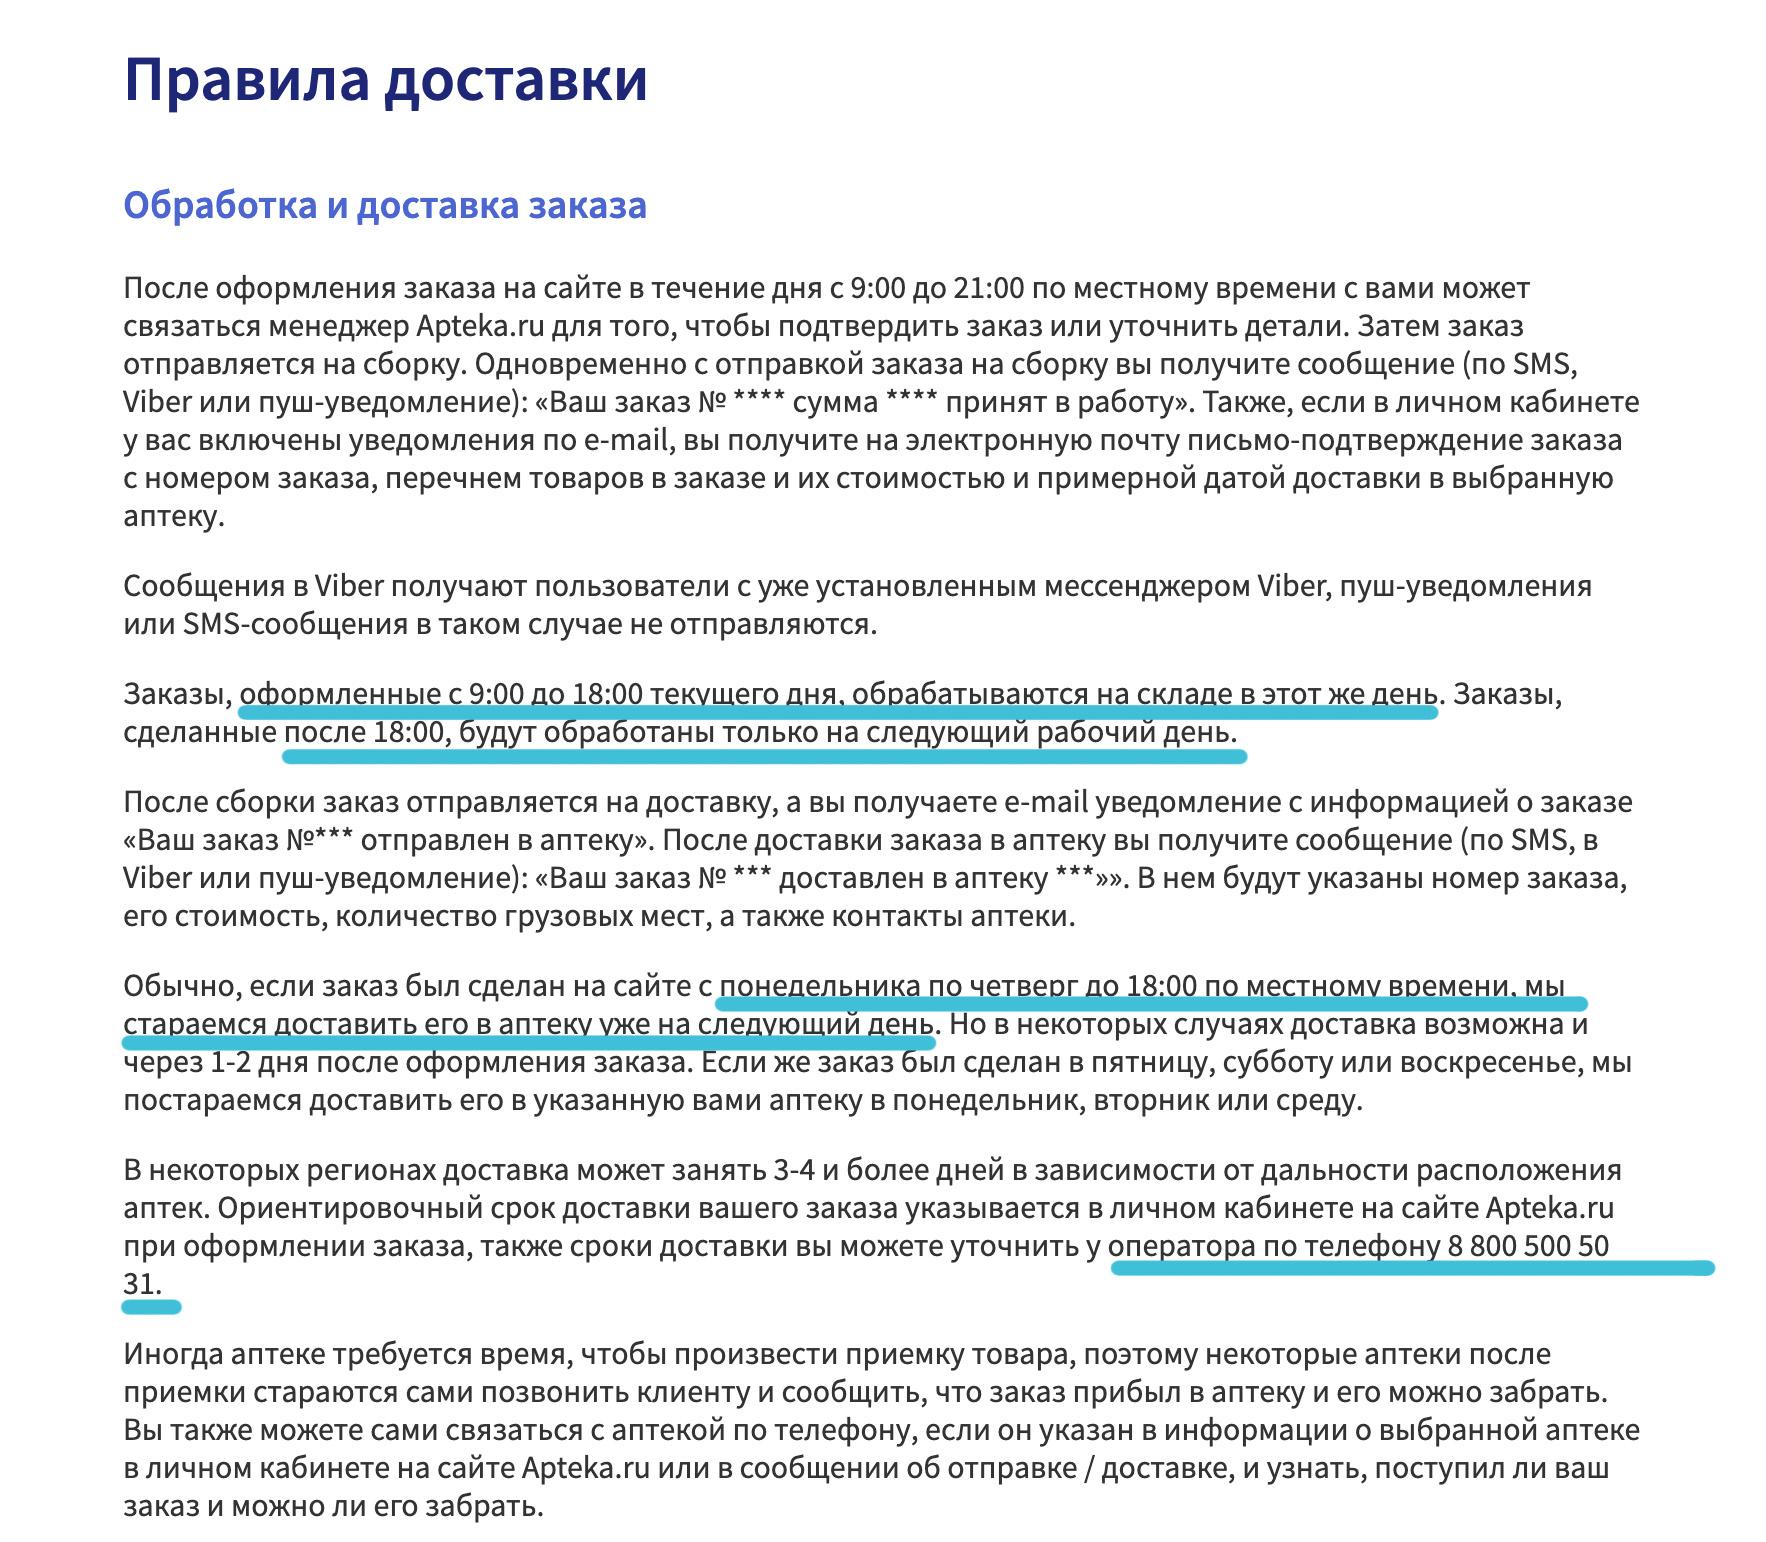 правила заказа и доставки лекарств Apteka.ru